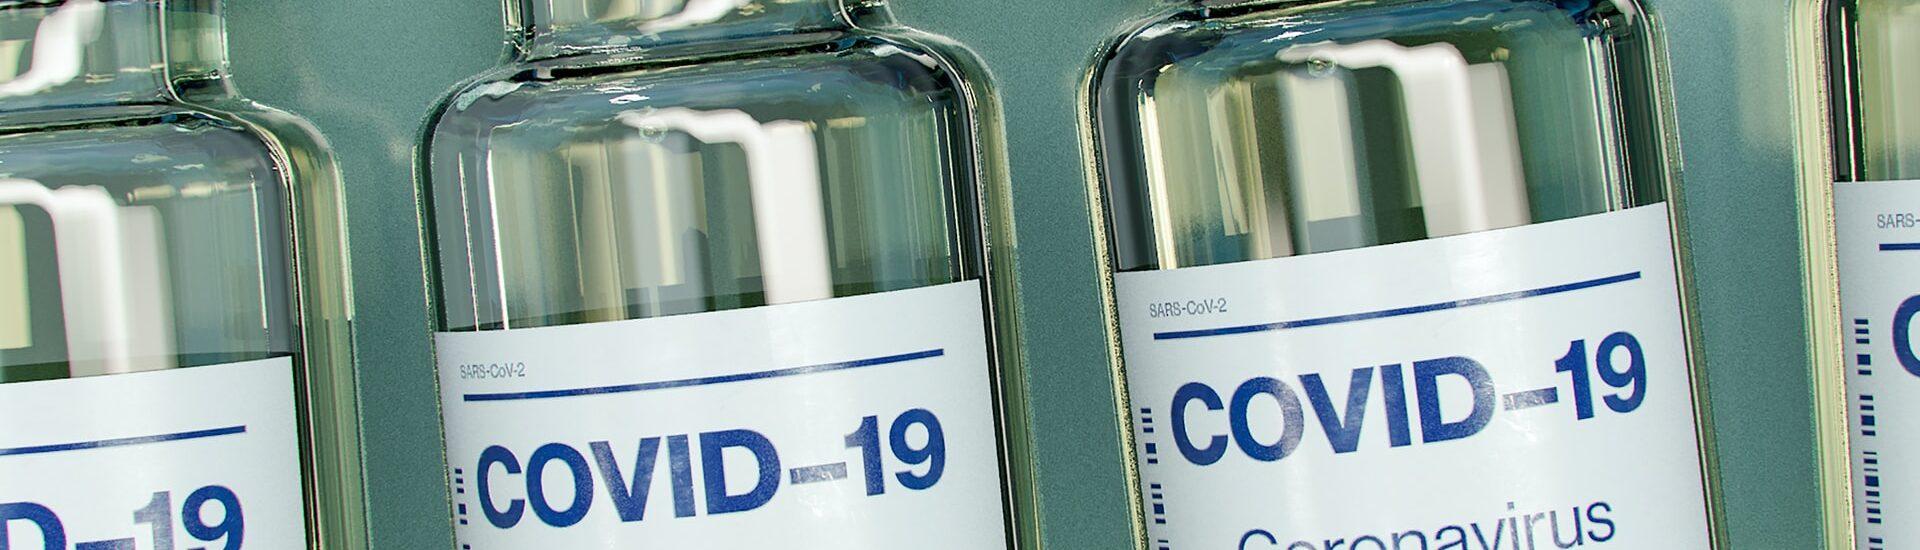 10 σημεία για τα εμβολία και τους εμβολιασμούς